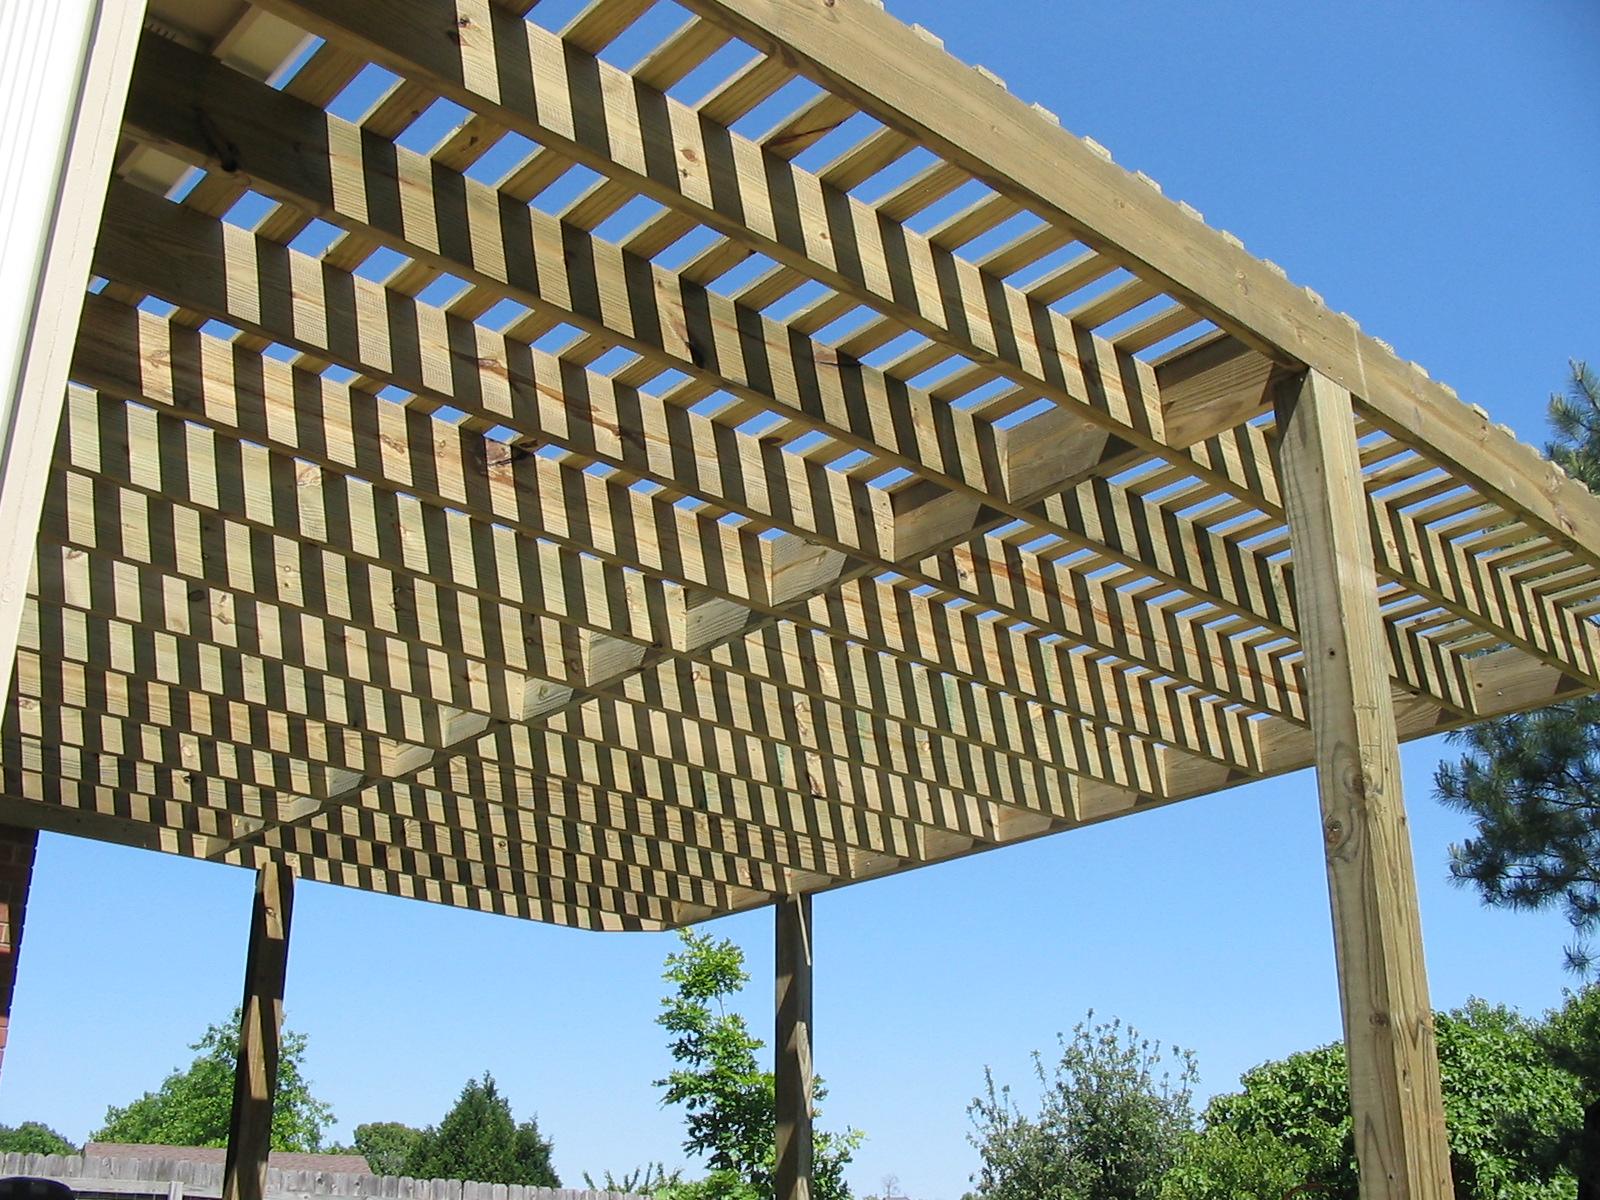 Wood Pergola Plan